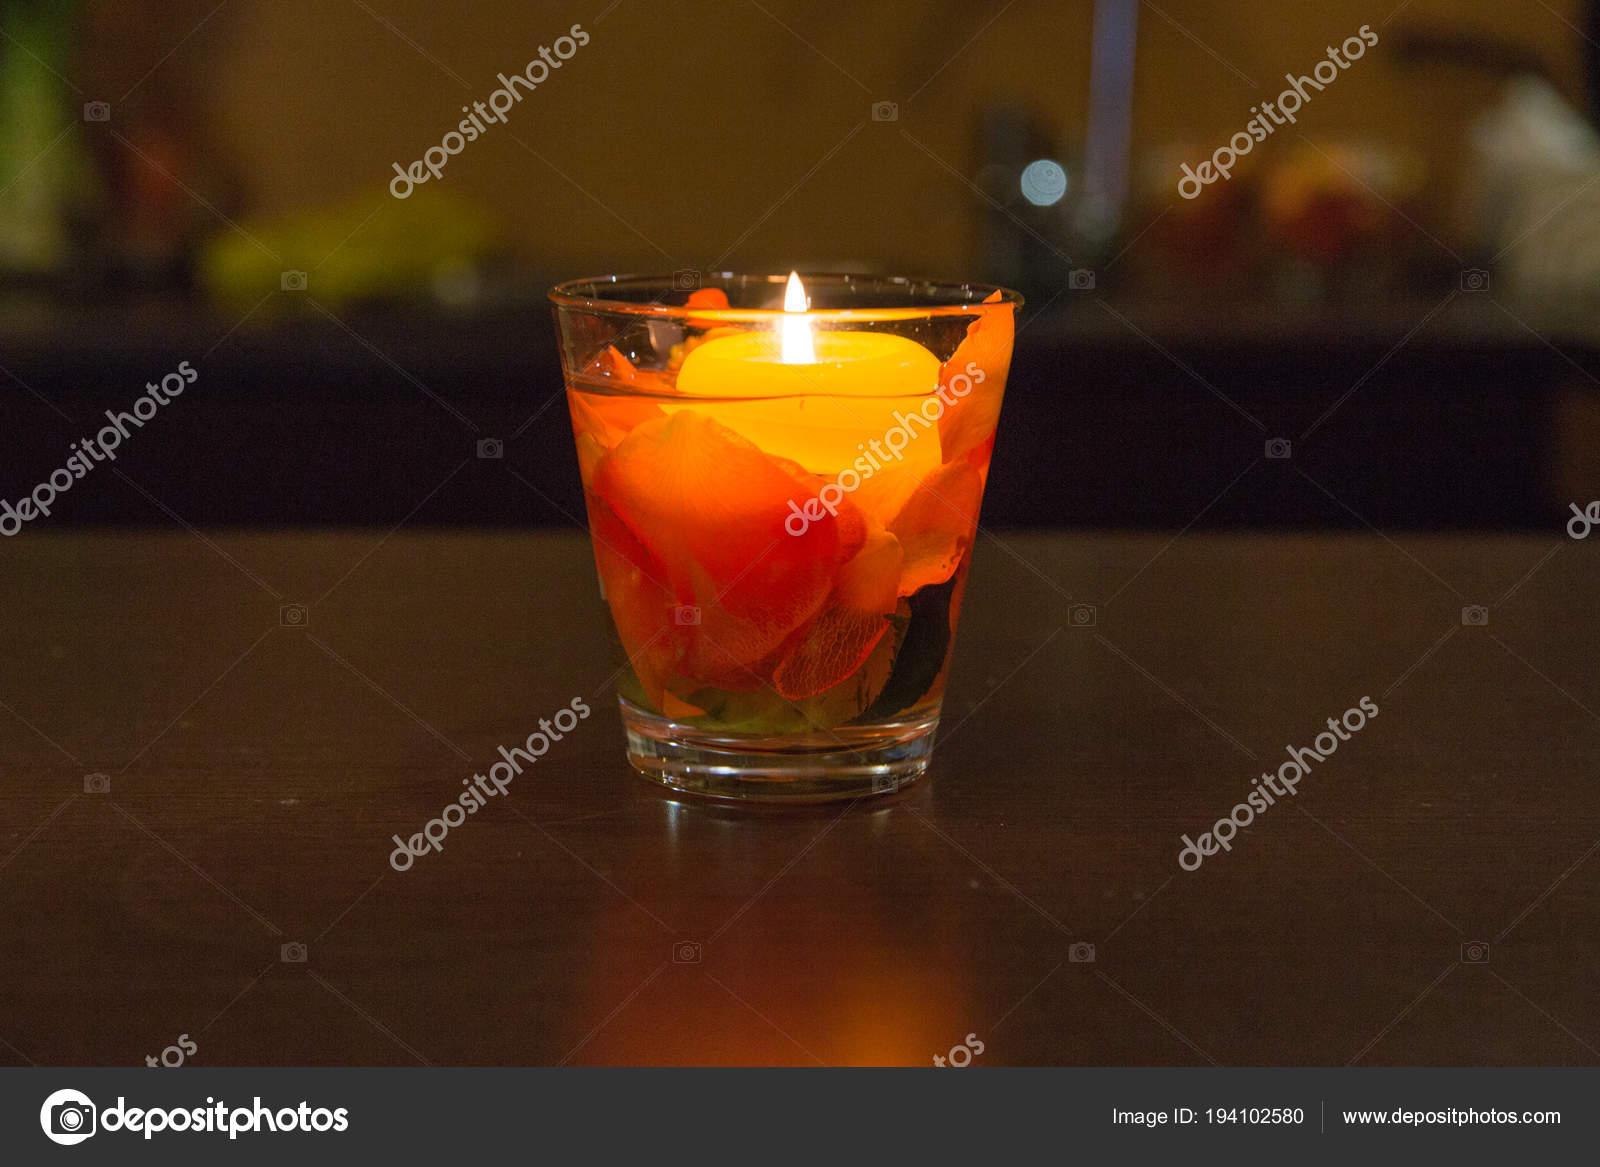 Licht Roze Kaarsen : Kaarsen licht en roze bladeren binnen in glazen kom u stockfoto